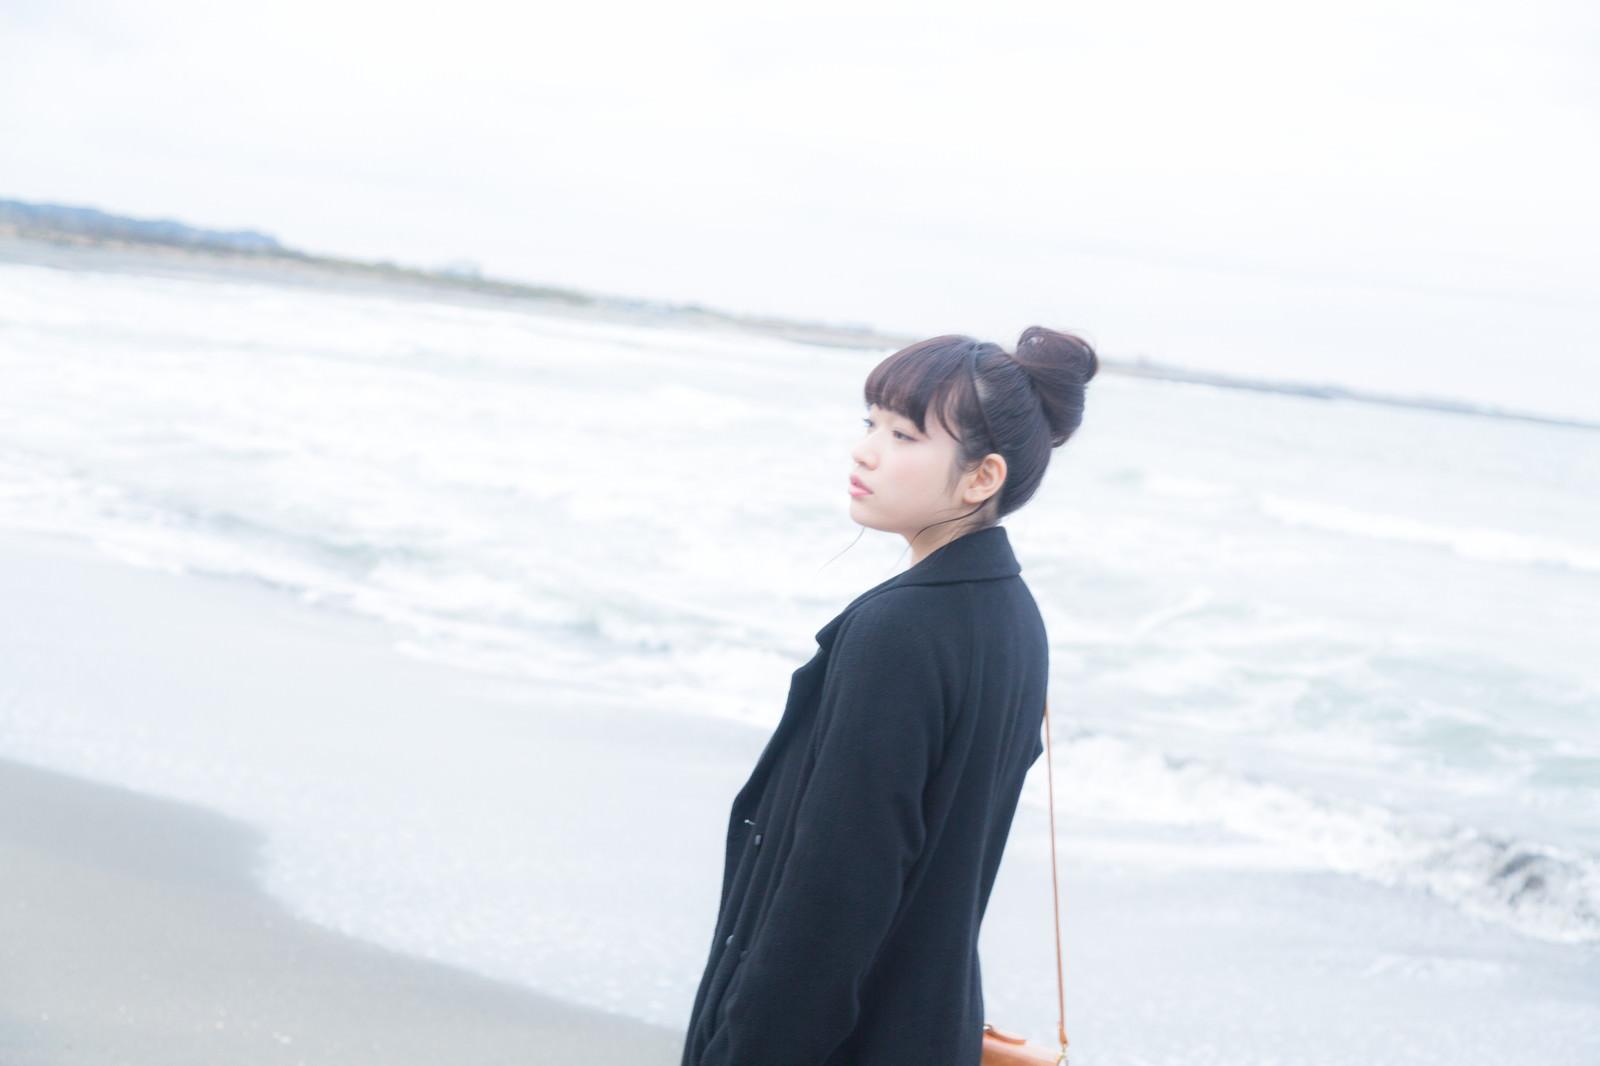 「ひとり海に来た女性ひとり海に来た女性」[モデル:渡辺友美子]のフリー写真素材を拡大